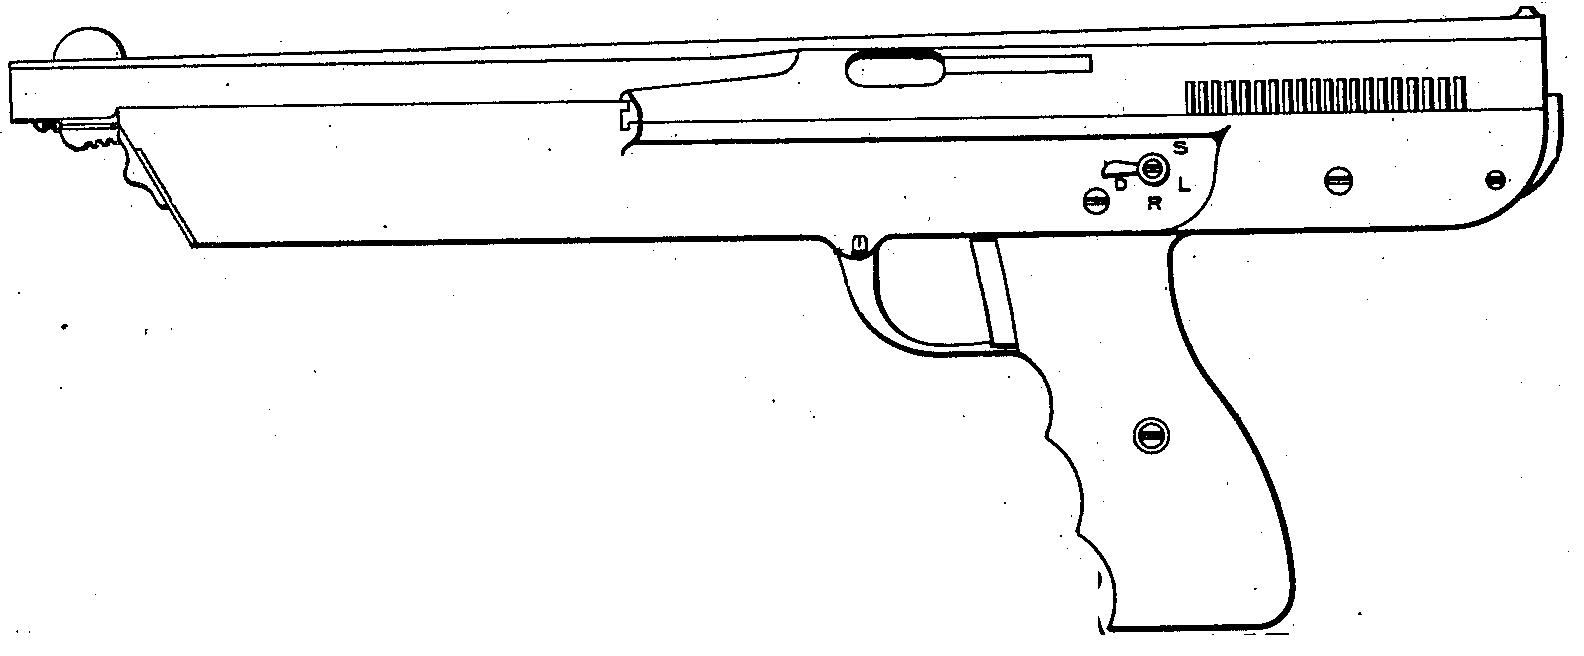 Onorati submachine gun